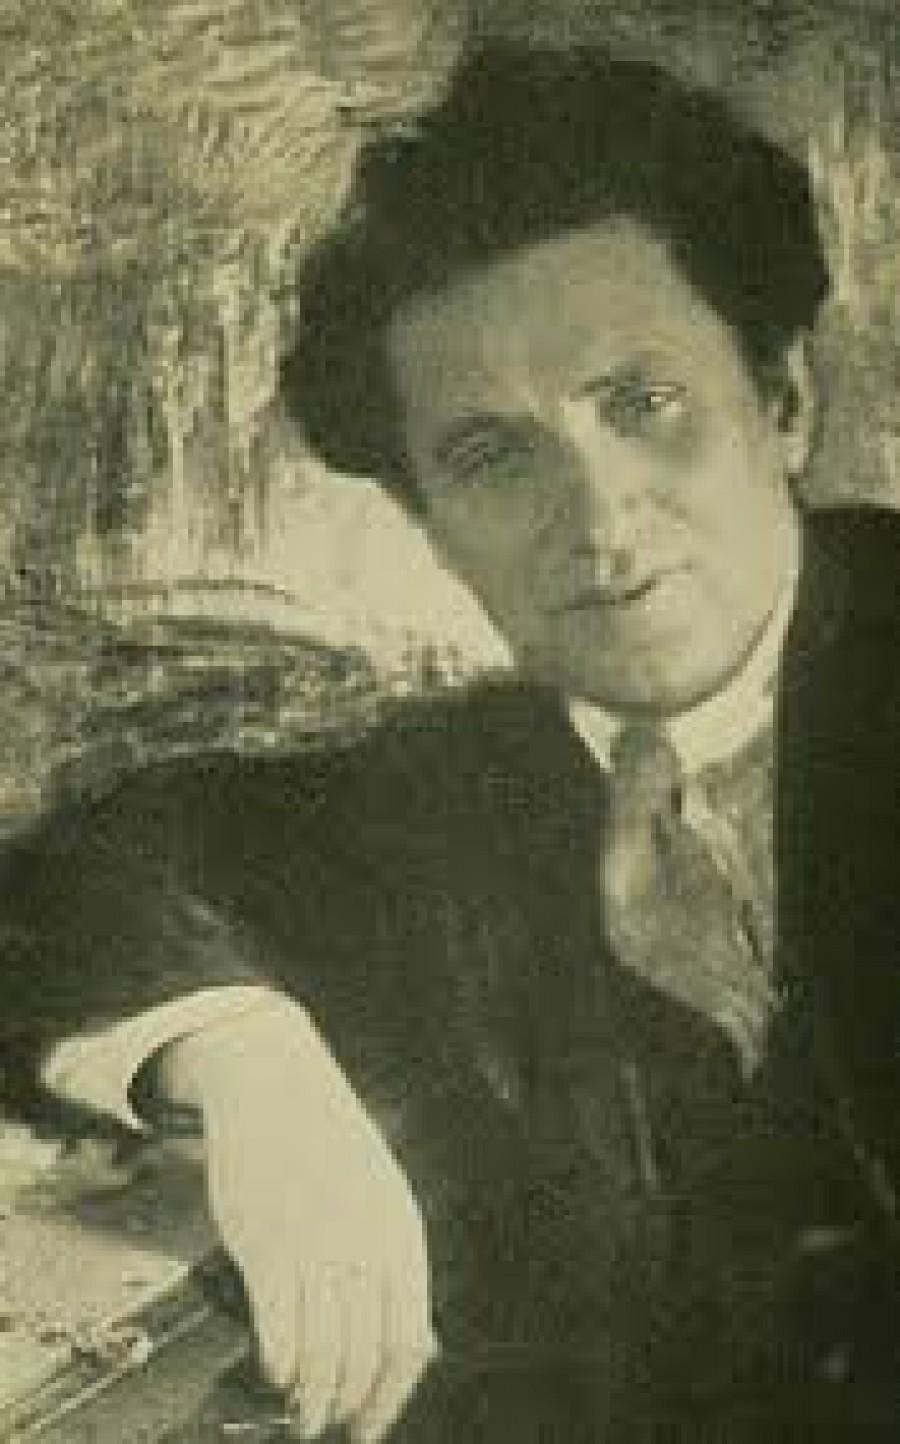 Grigorij Jevsejevič Zinovjev (1883-1936):  Během Leninovy nemoci vytvořil spolu se Lvem Kameněv a Josifem Stalinem vládnoucí triumvirát, který umenšil vliv Trockého. Zinovjev a Kameněv byli v roce 1928 vyloučeni ze strany. Zůstali politicky nečinní do října 1932, kdy se do politiky opět vrátili. Po vraždě Sergeje Kirova Leonidem Nikolajevem roku 1. prosince 1934 byl obviněn z vytvoření teroristické organizace přípravující vraždu Josefa Stalina.